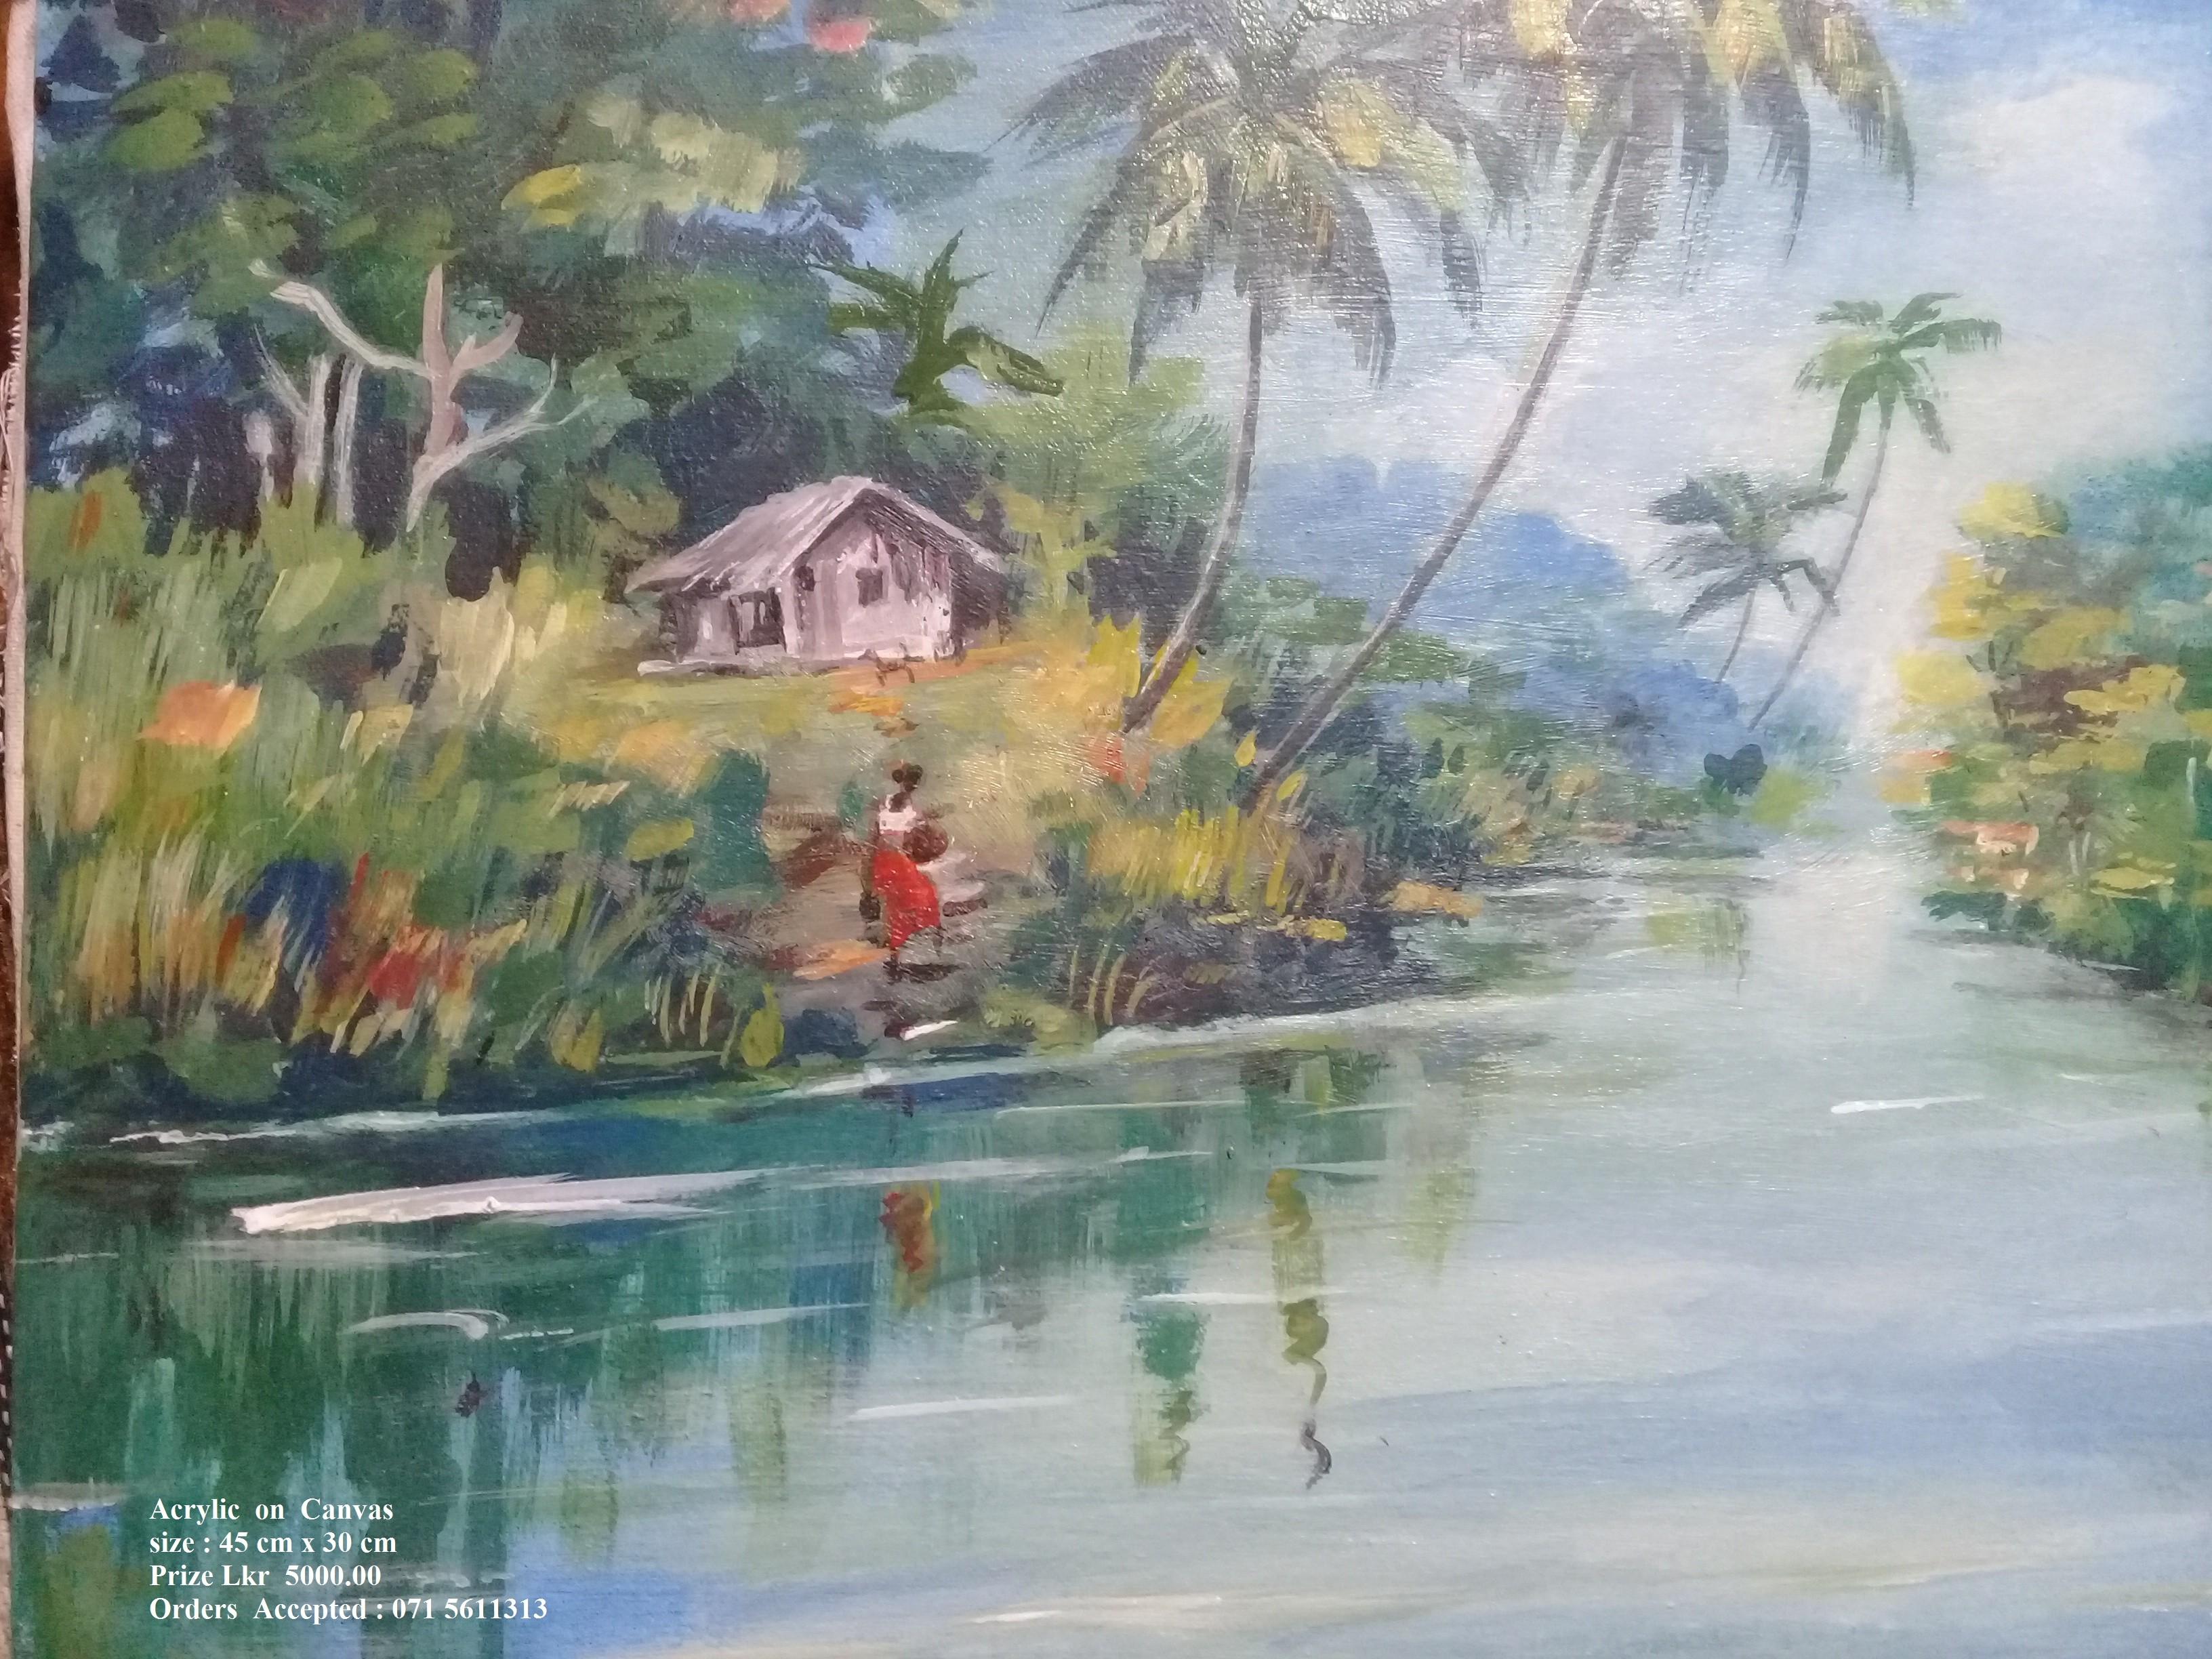 Ganga - Landscape